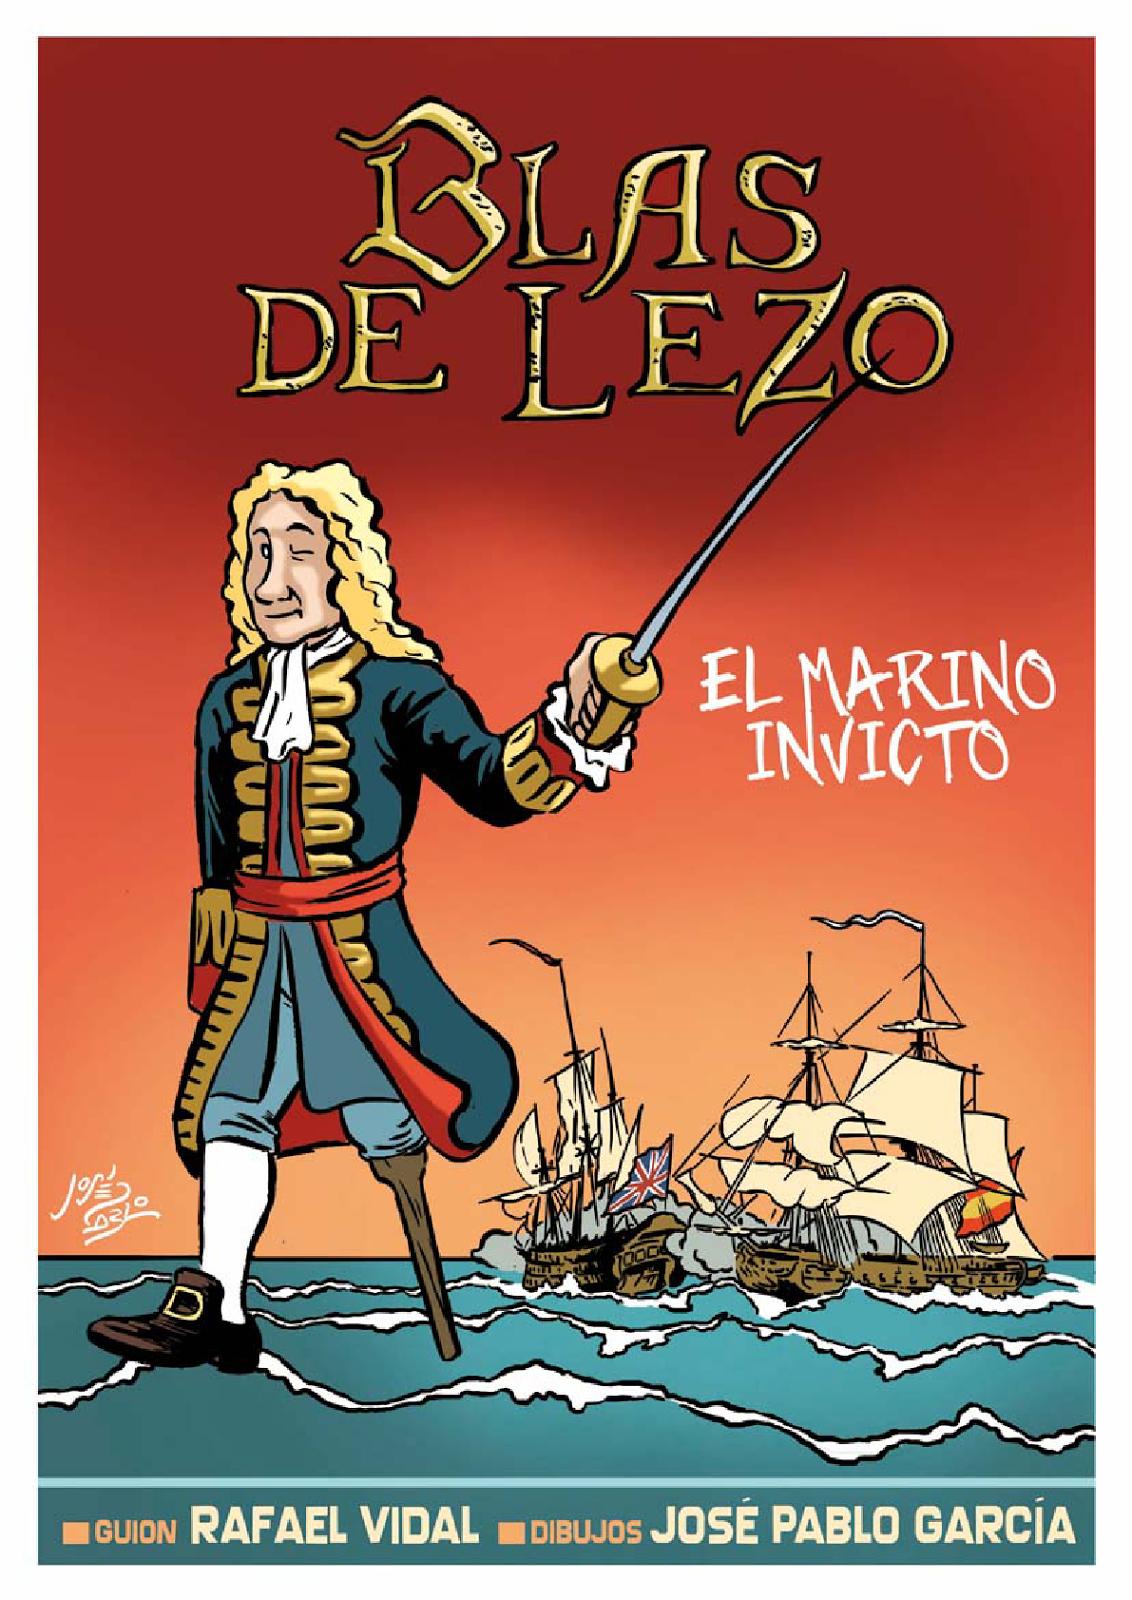 biography of blas de lezo essay Explorar iniciar sesión crear una nueva cuenta pubblicare .